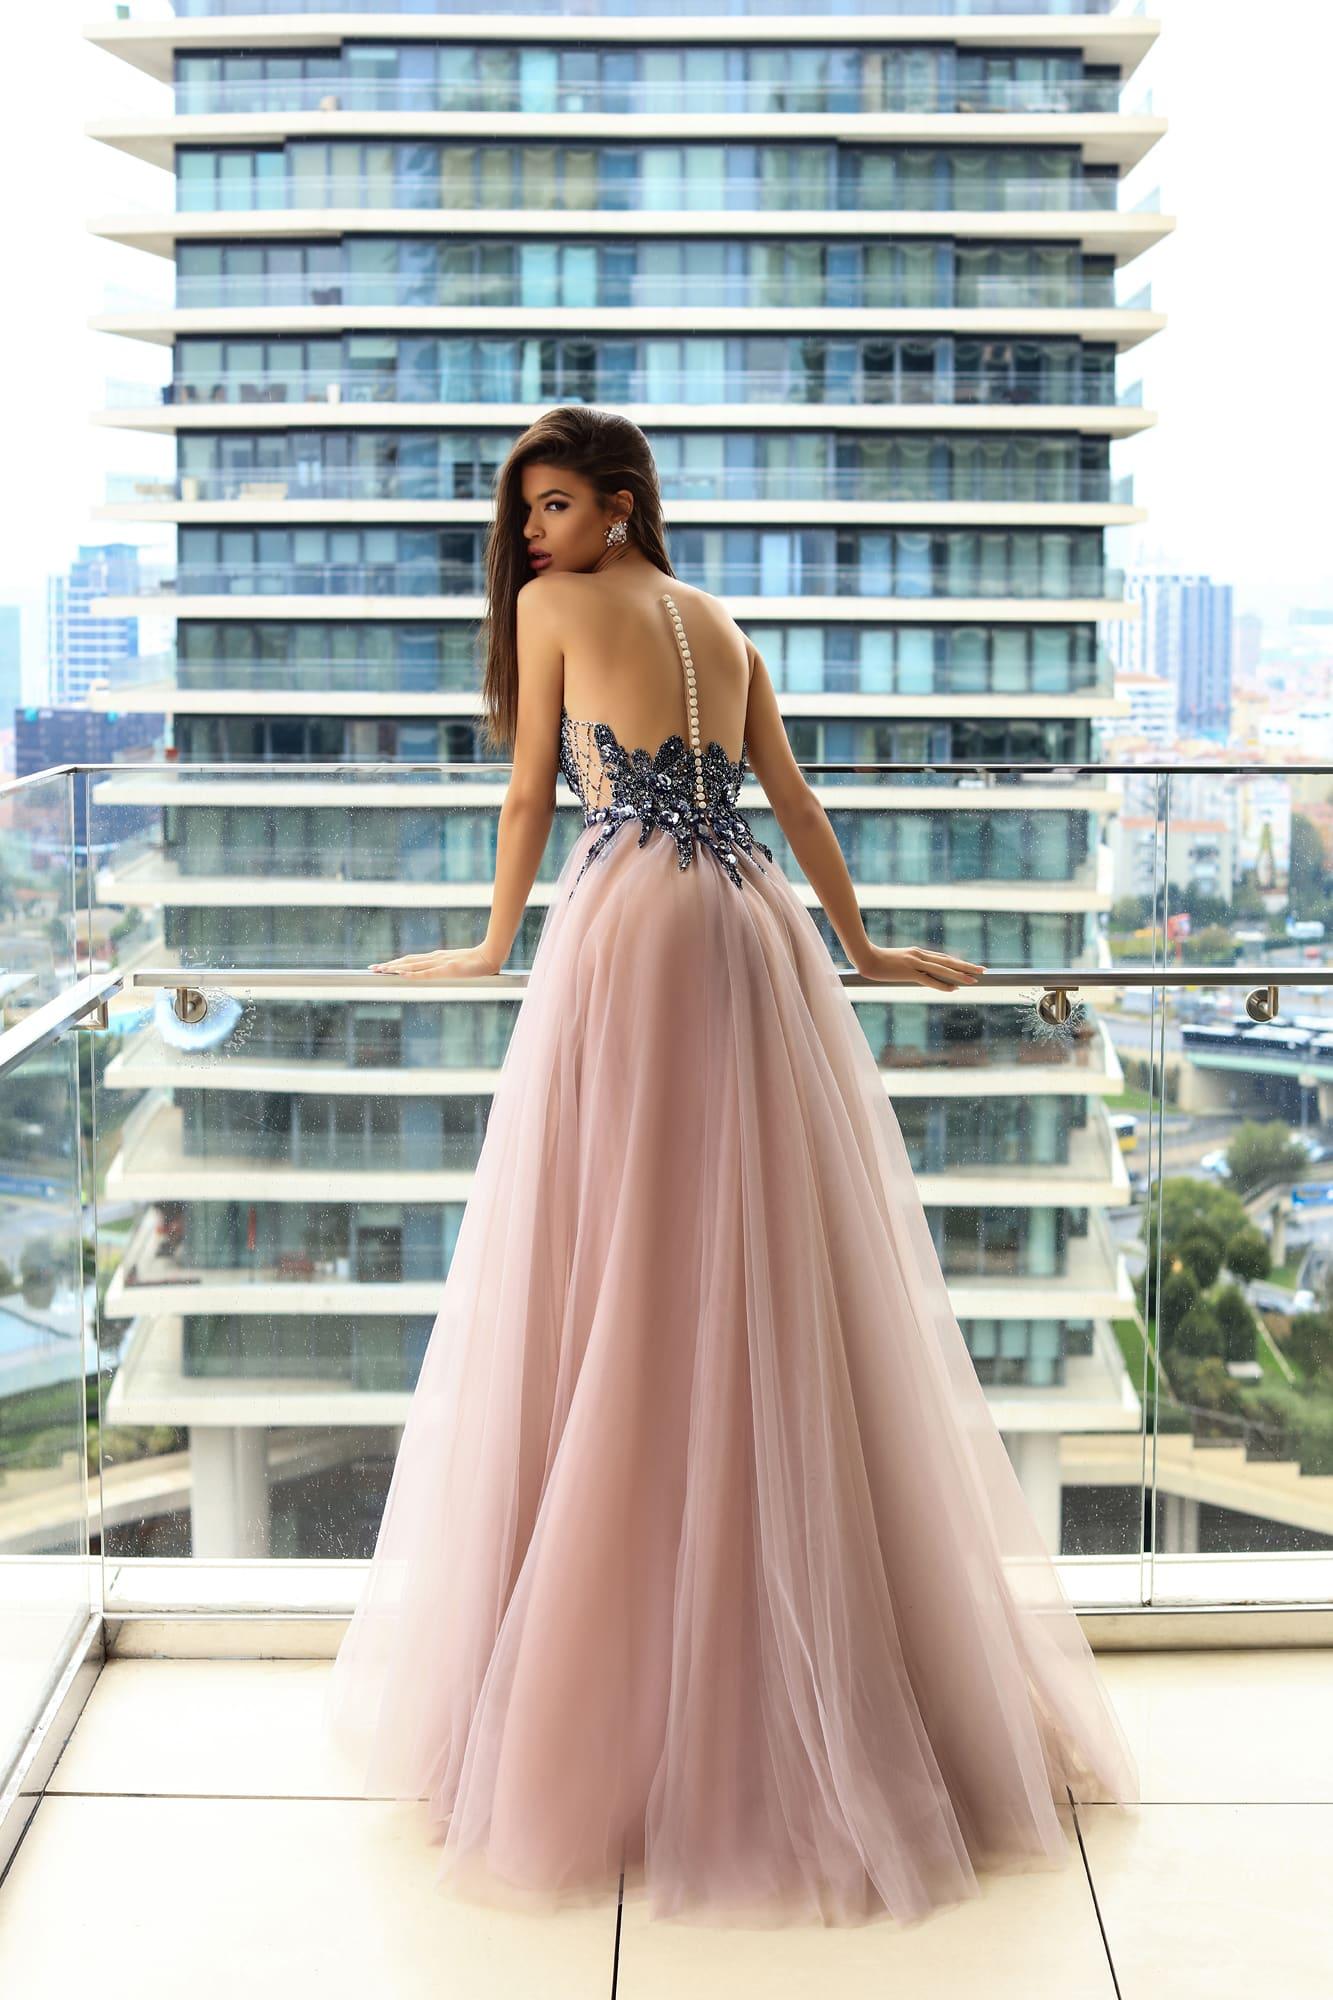 abead863644 Стильное вечернее платье с сияющим корсетом и многослойной розовой юбкой.